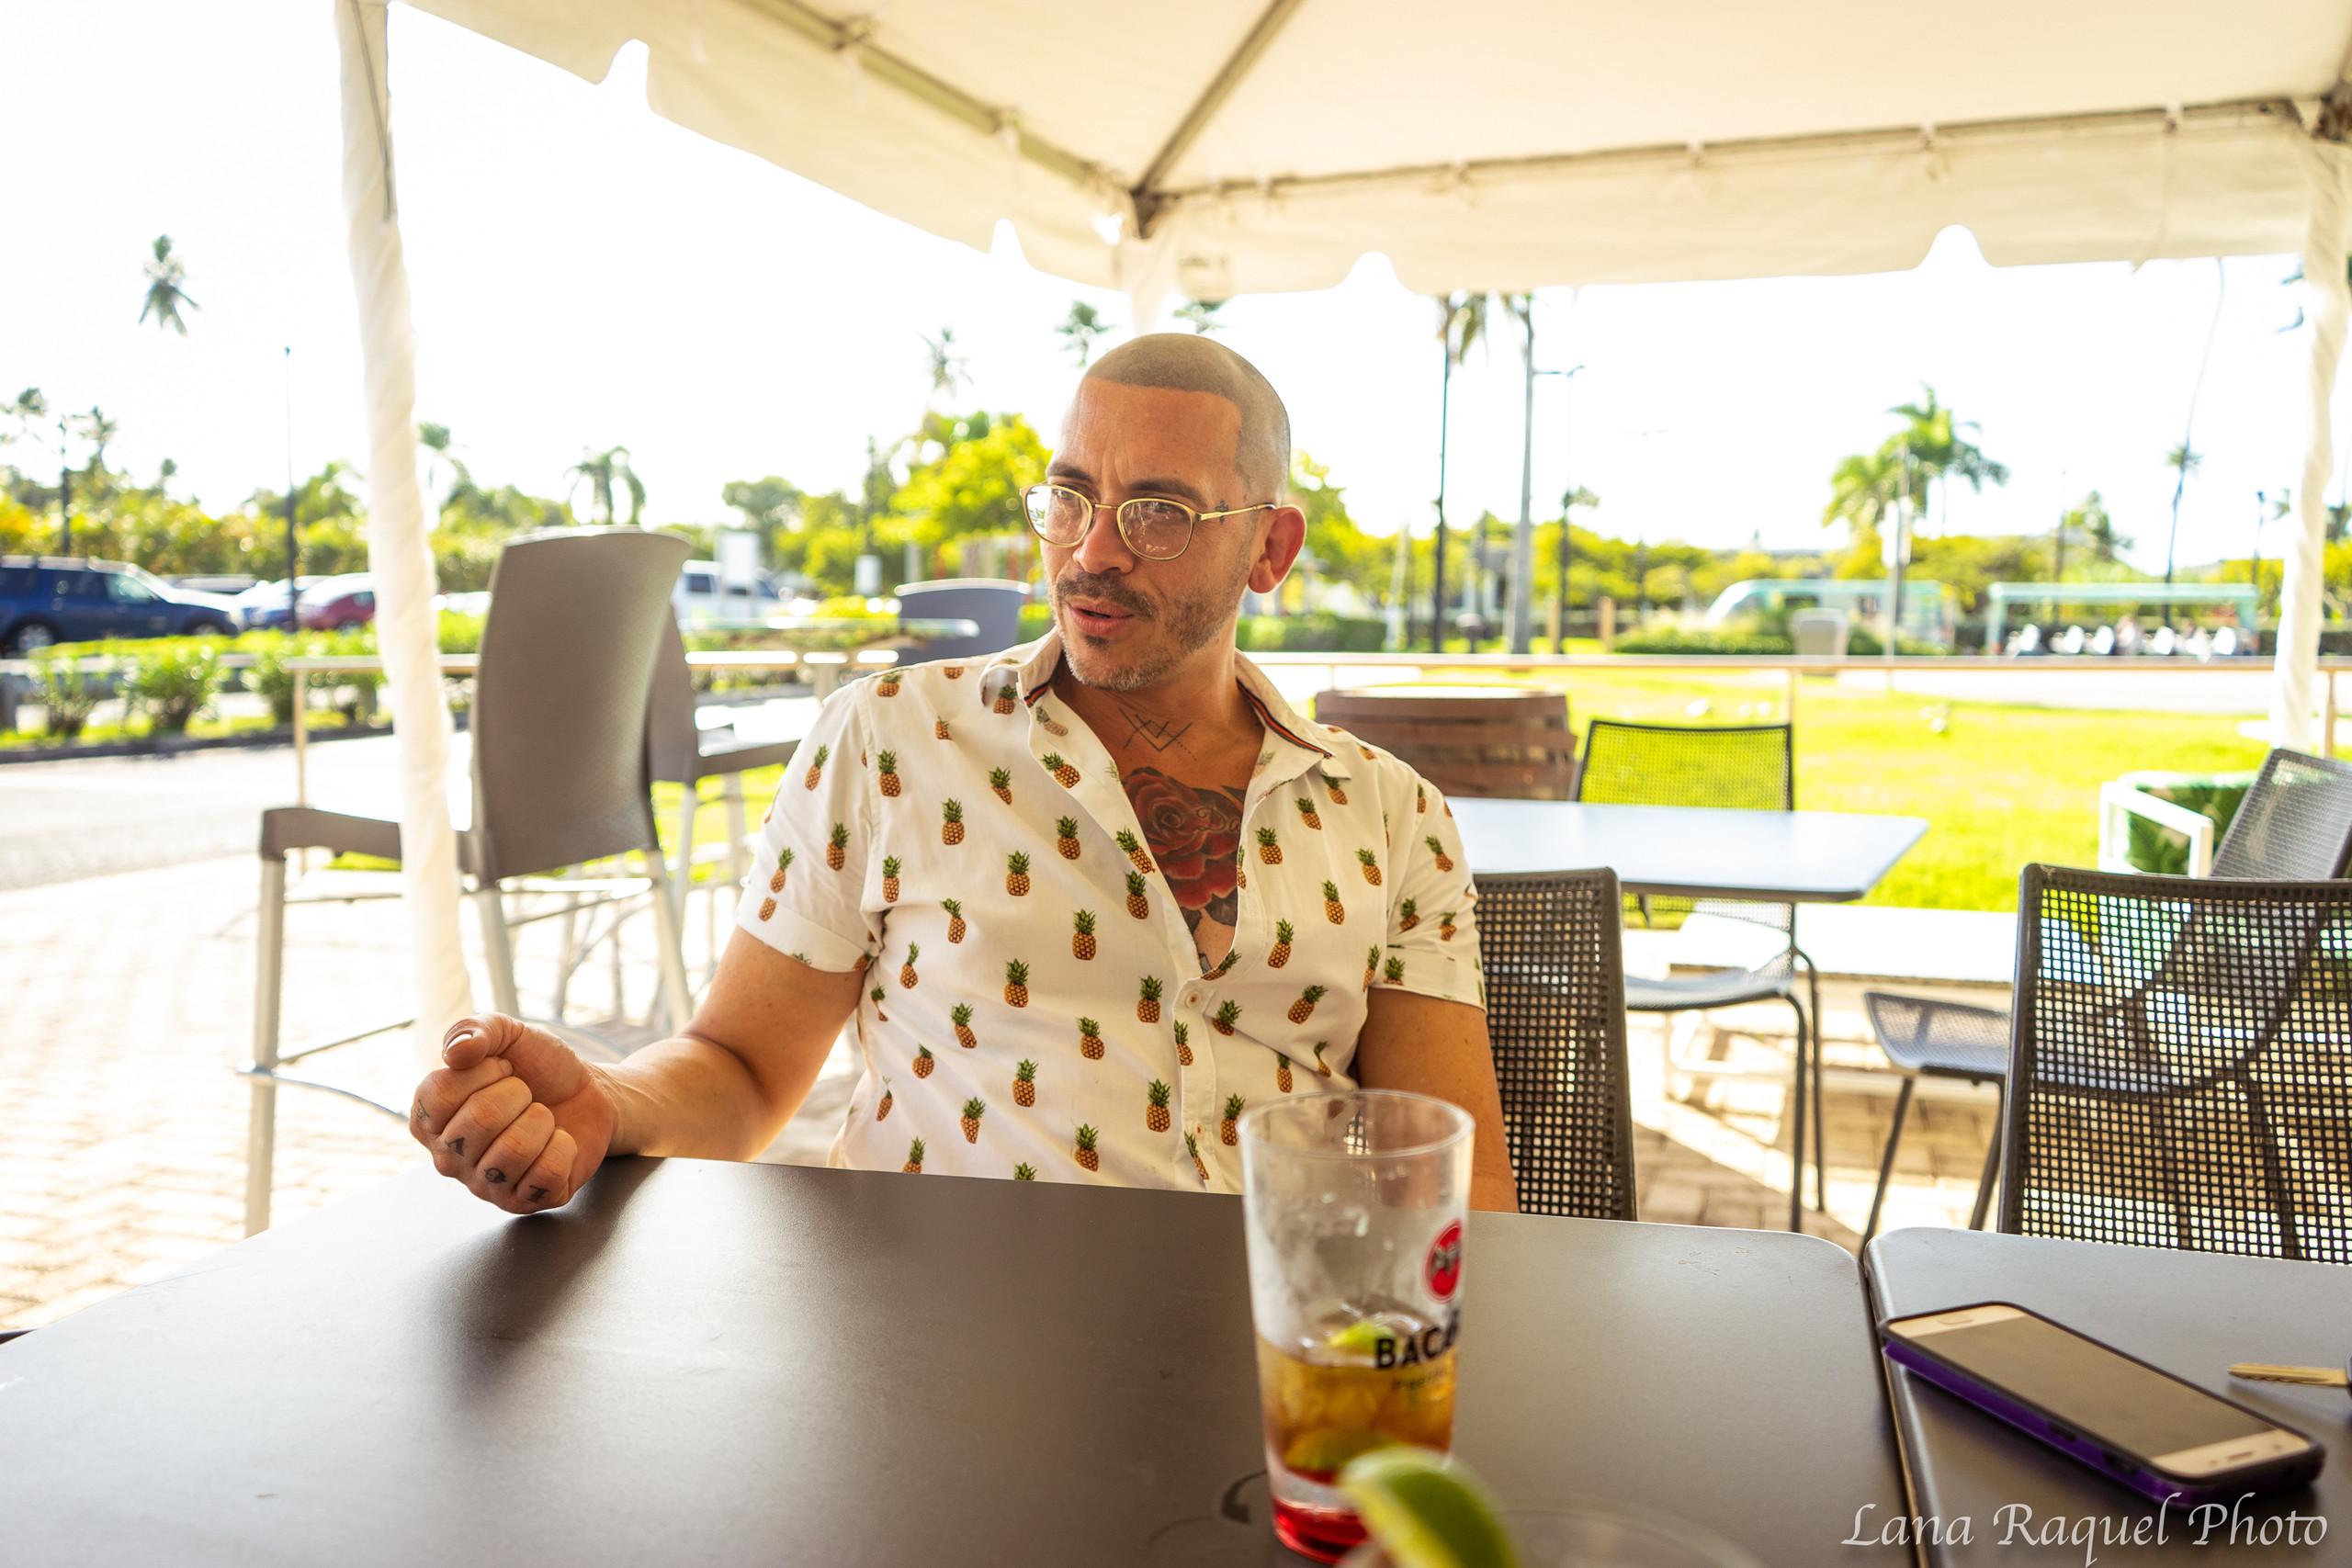 man enjoys bacardi tour Puerto Rico